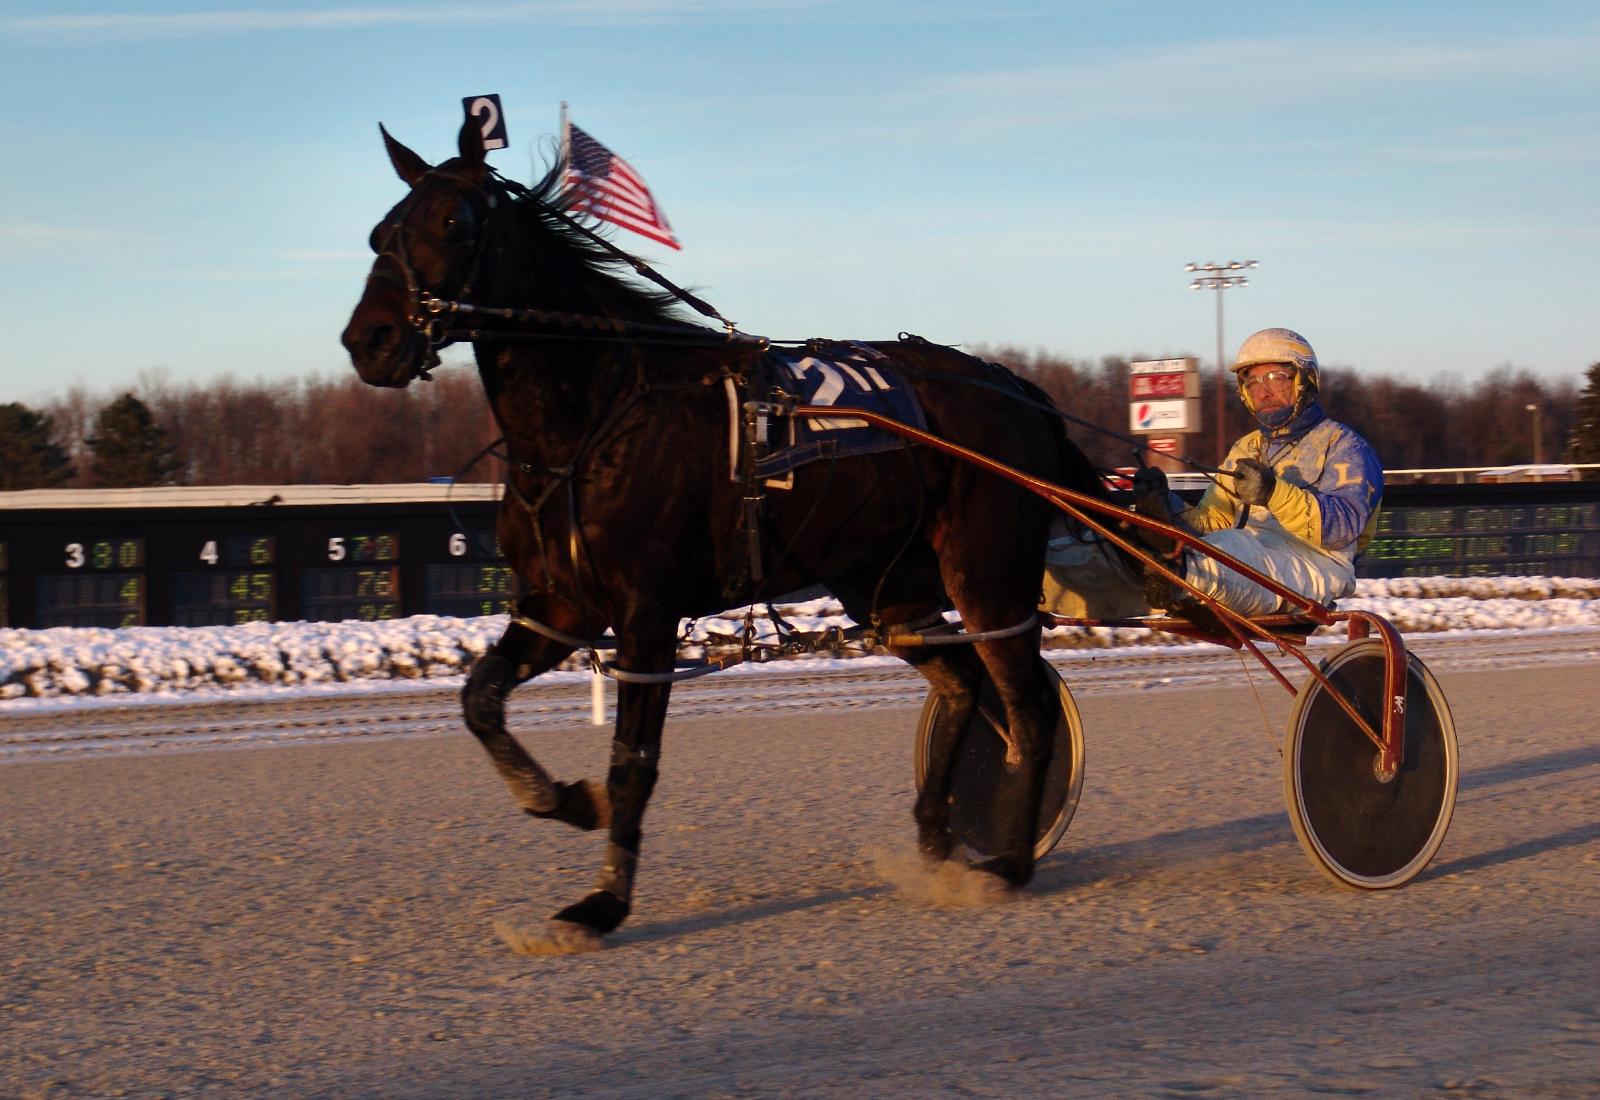 Damit das Pferd auch mal wieder in einen Anderen Zusammenhang als Lasagne gesehen wird! CMCoolidge, Flickr, CC BY 2.0